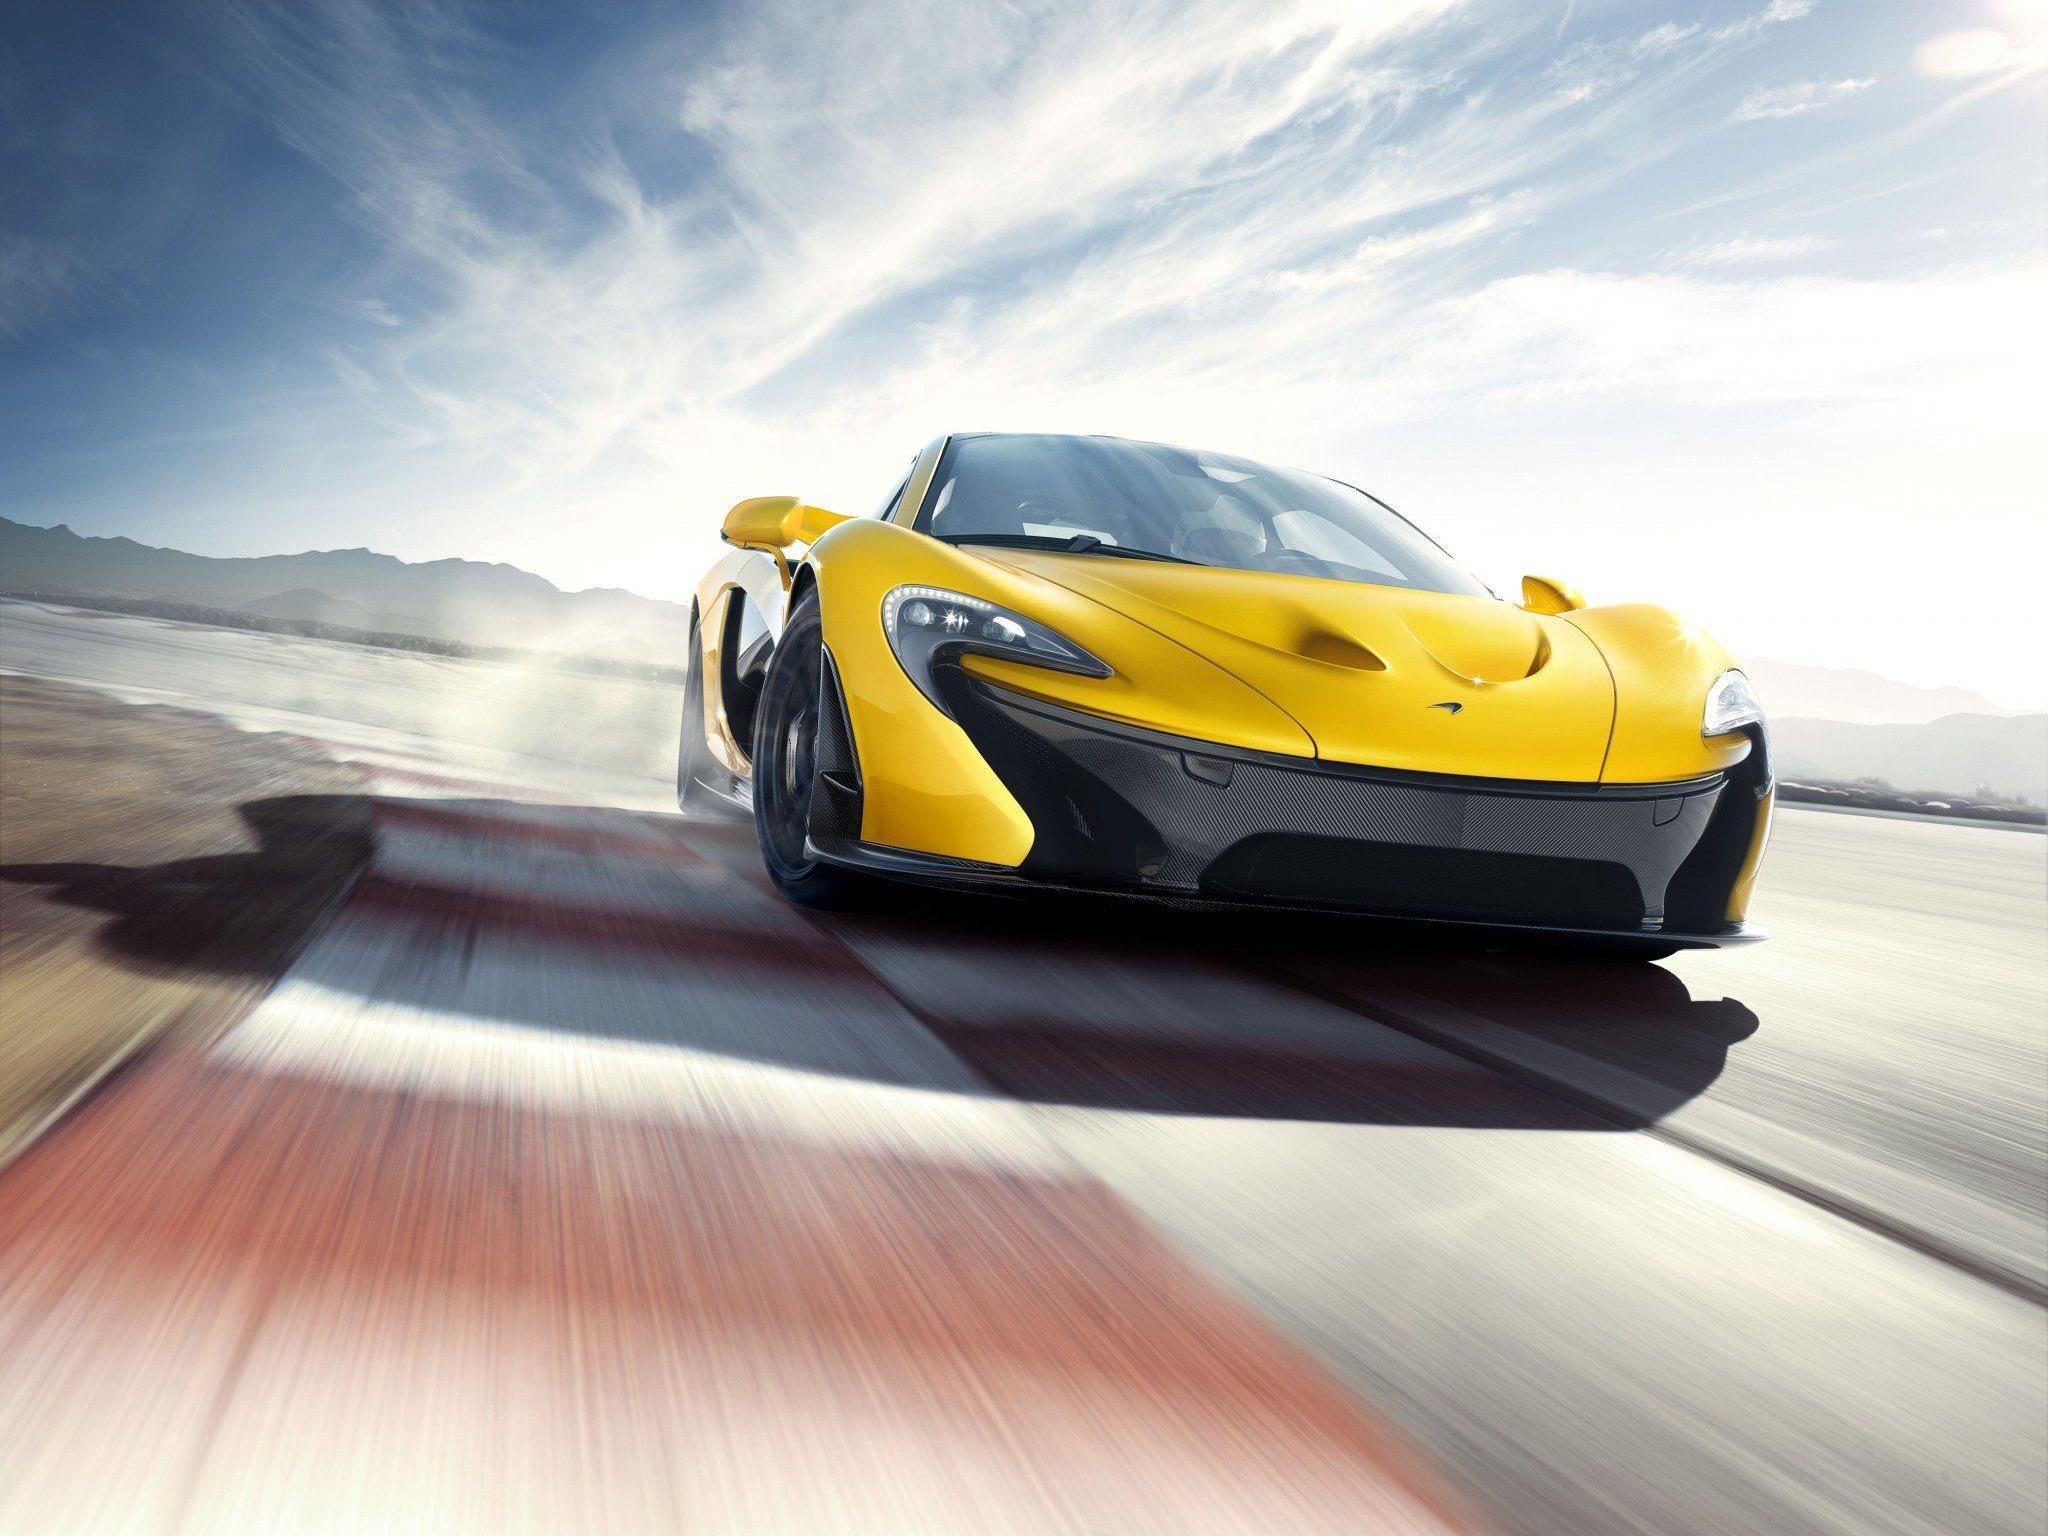 Mit Hybrid-Motor bis zu 350 km/h schnell - Der neue McLaren P1.